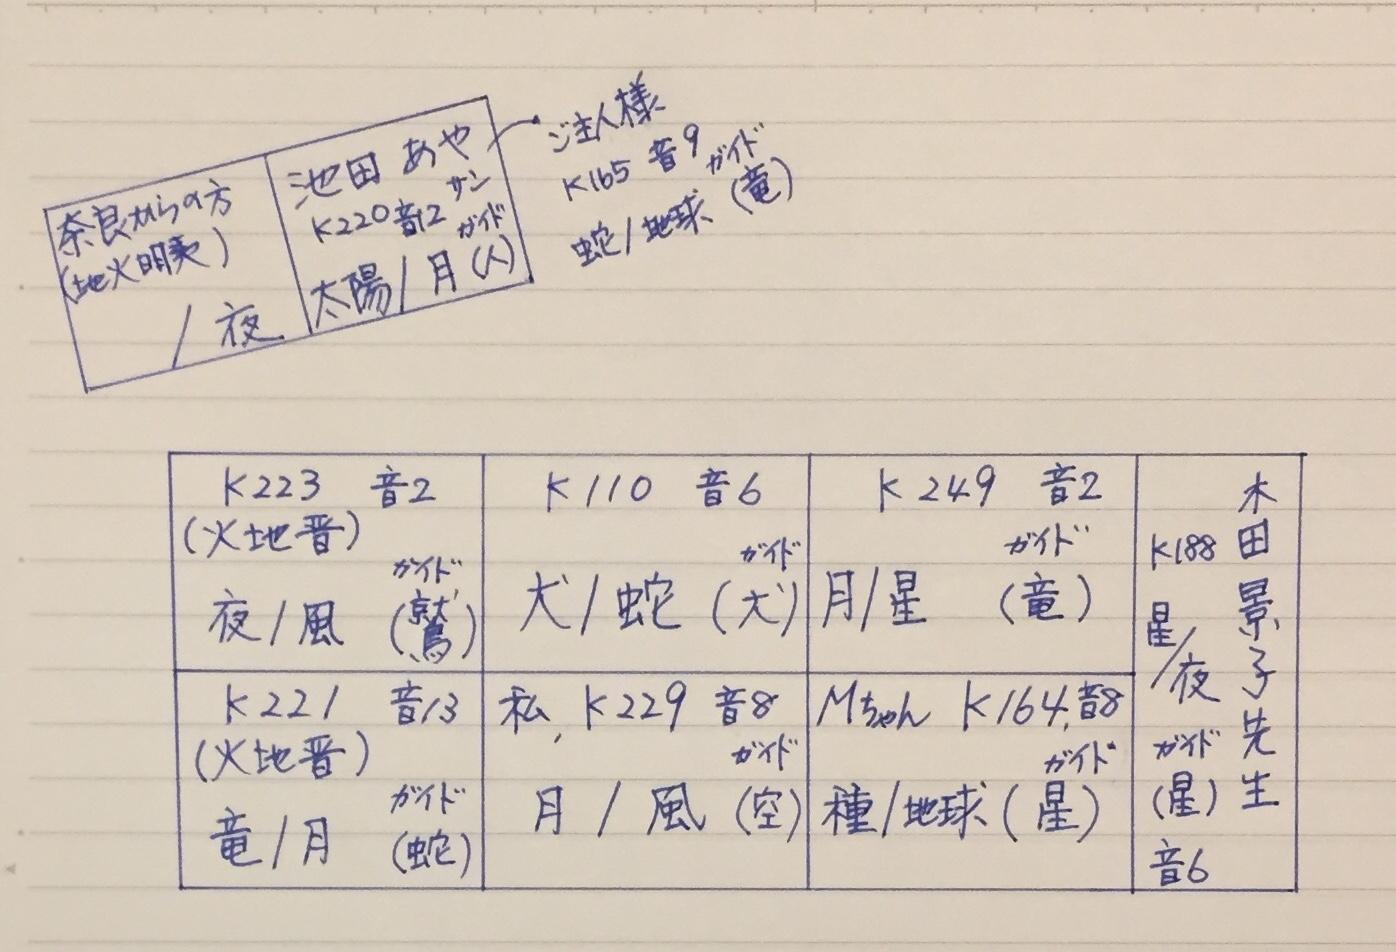 9713E3A1-68C3-4F67-B52E-1E7E705A87A3